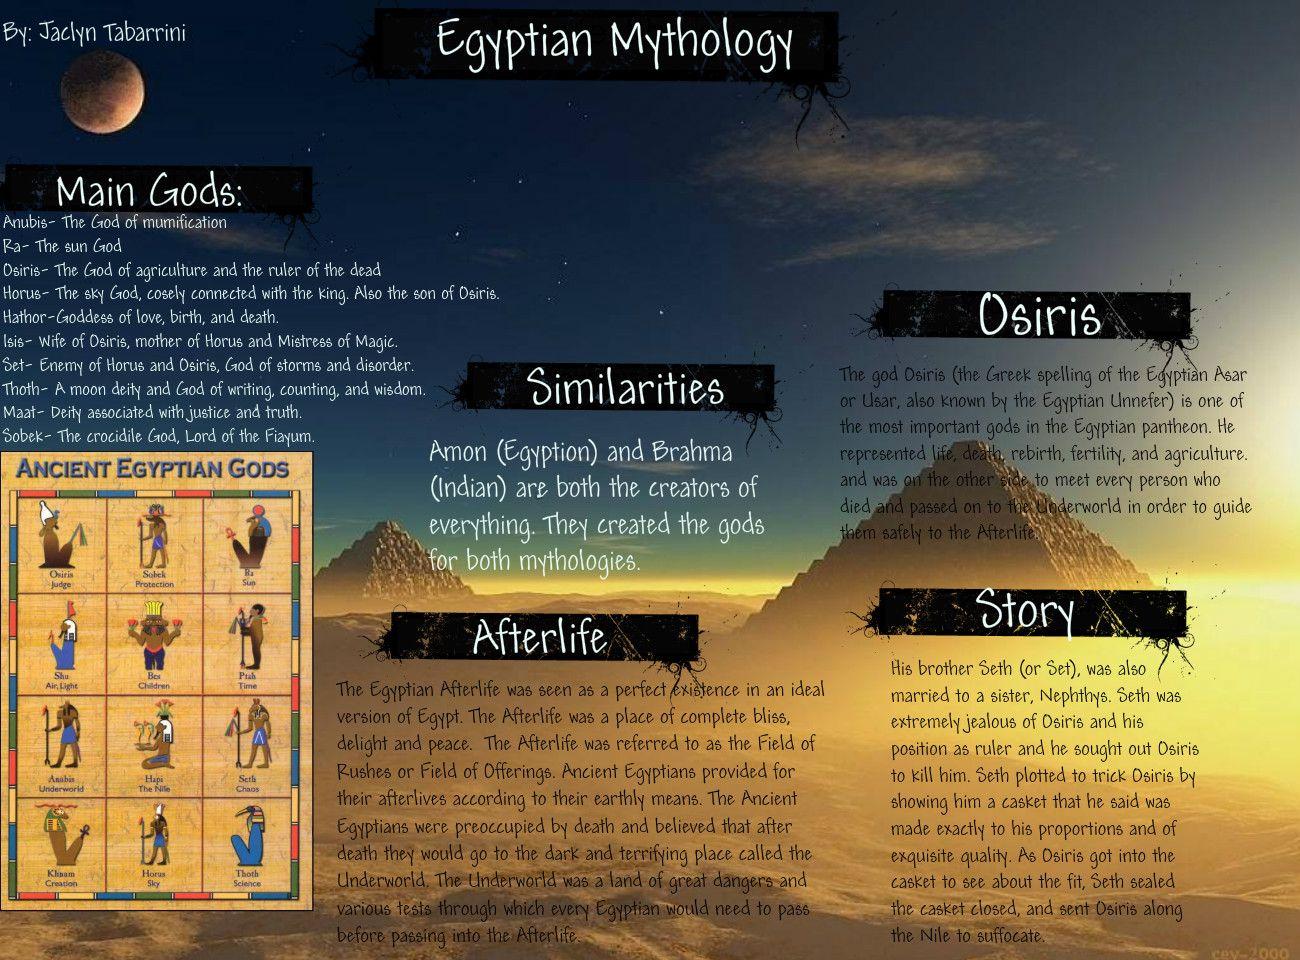 Egyptian Mythology | Egyptian Mythology | Publish with Glogster ...